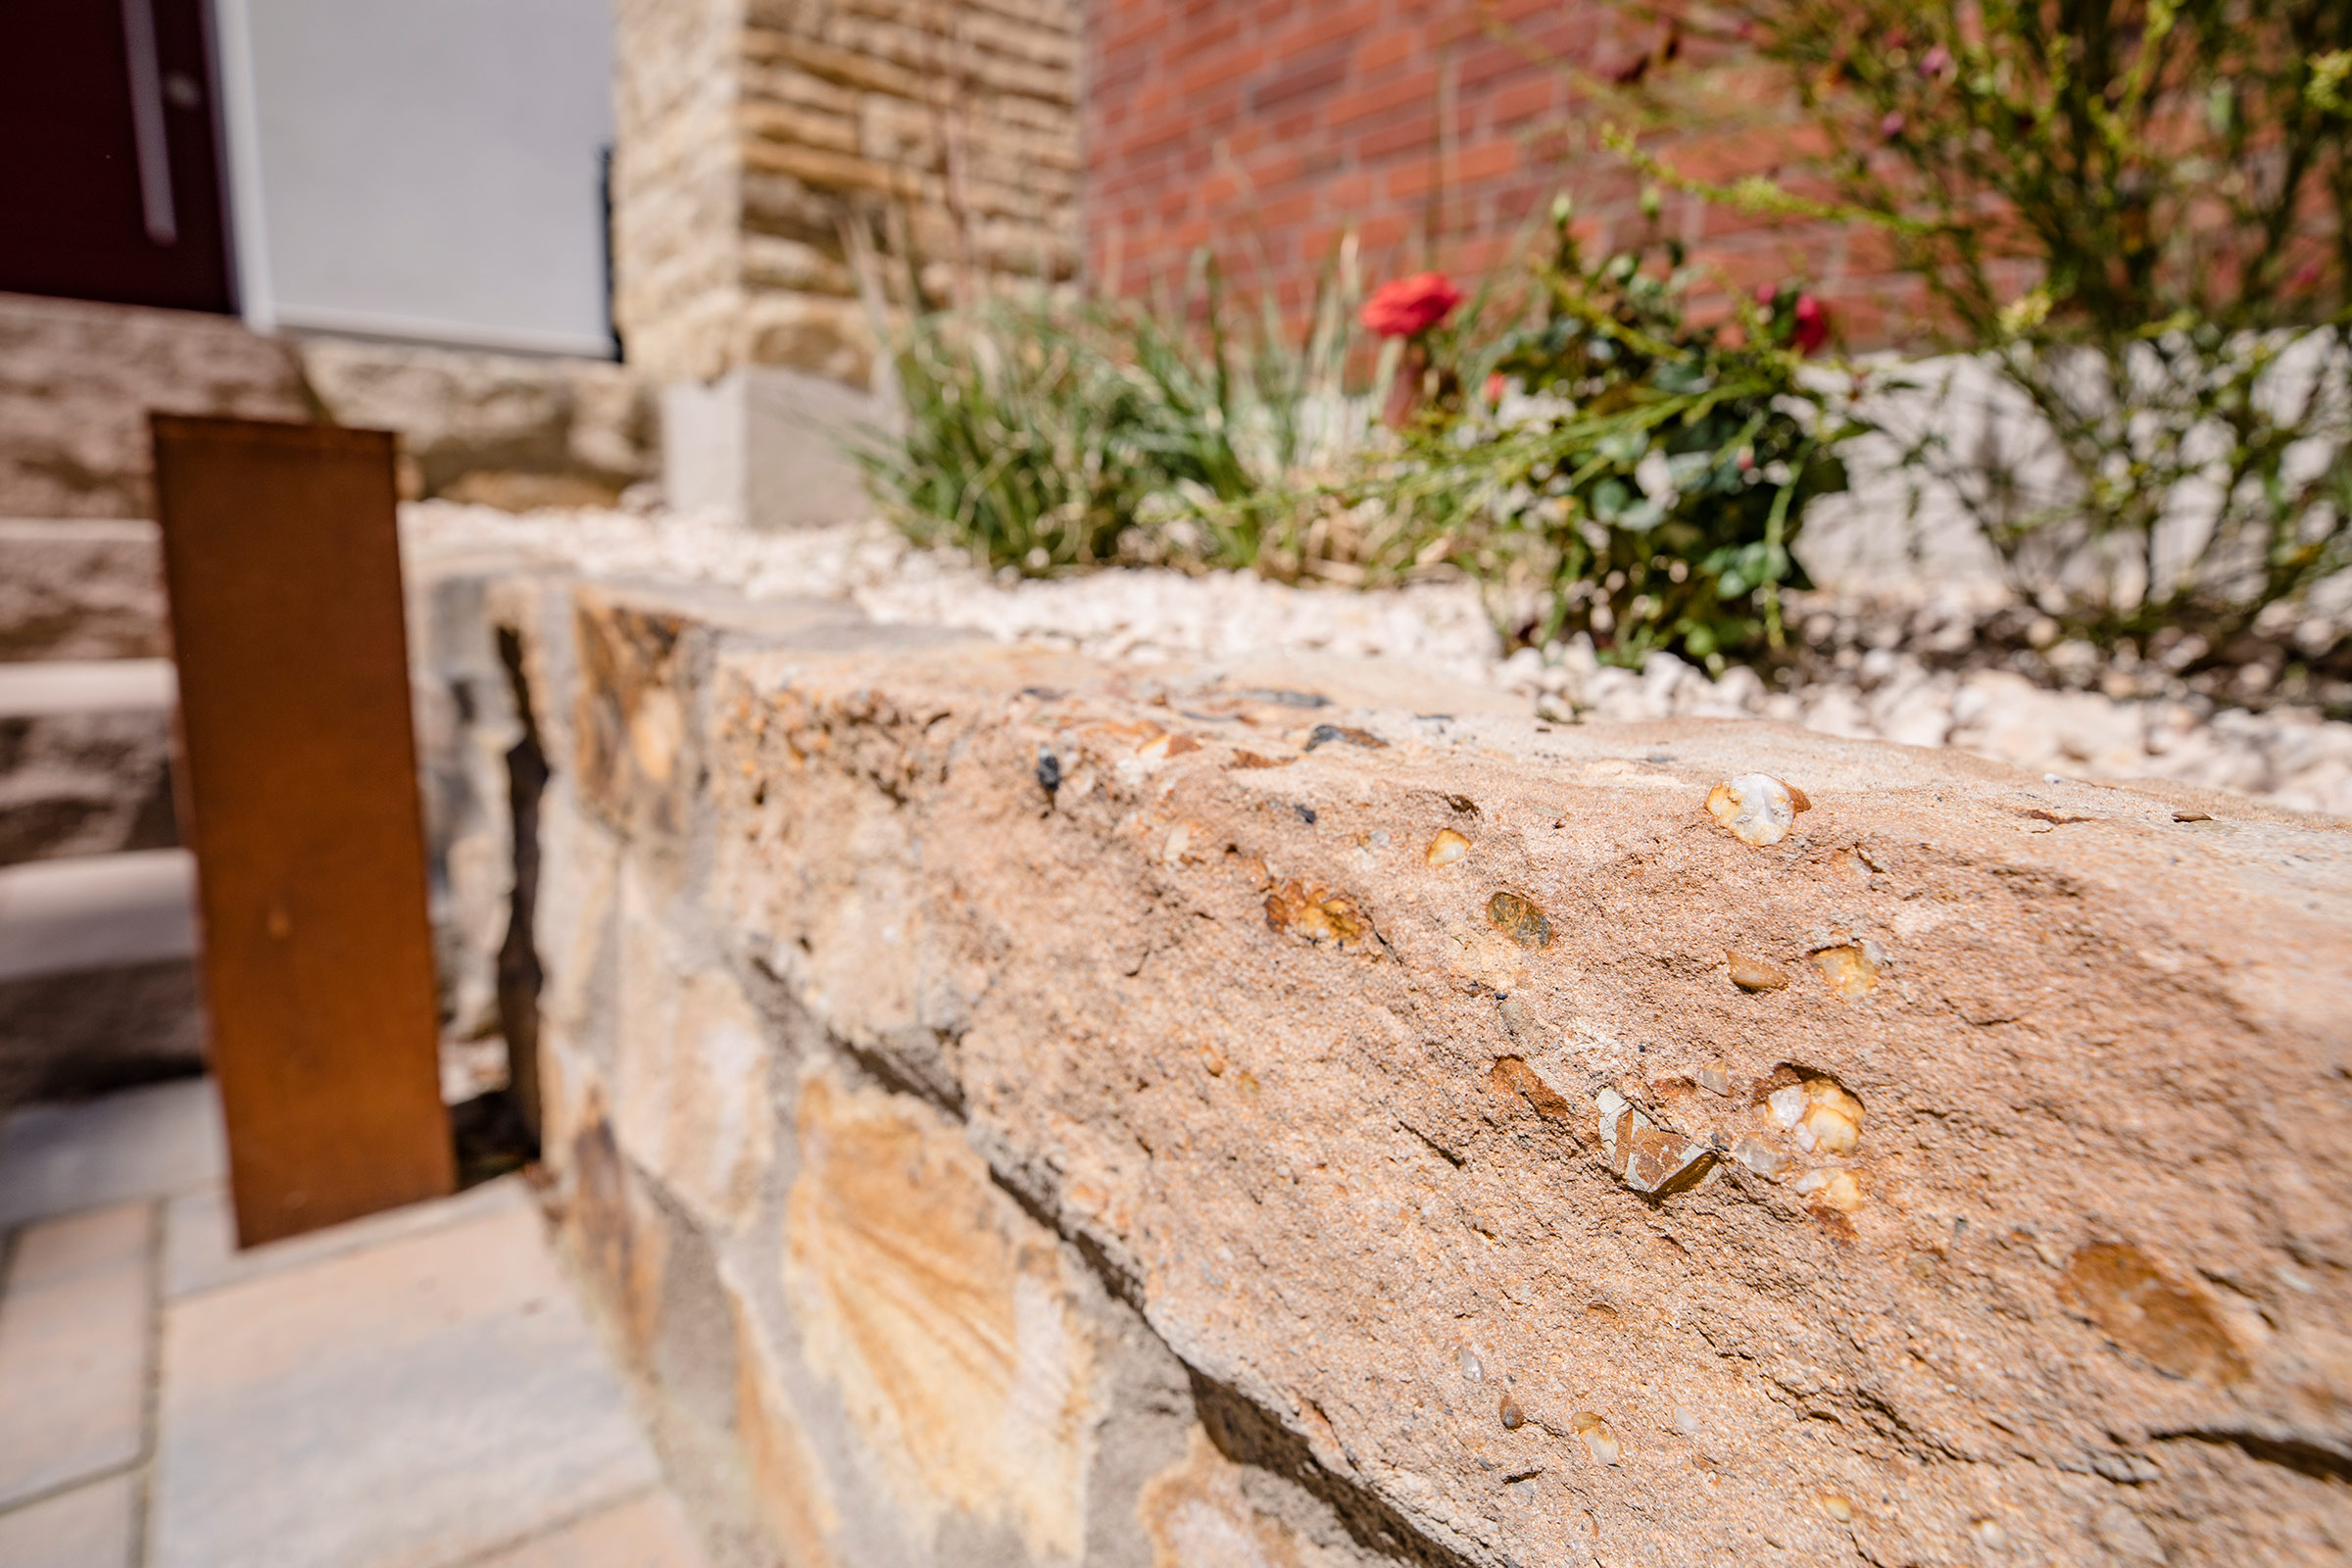 Link zur Bilddatei: Schulze-Tertilt_Referenzen_natursteinmauer